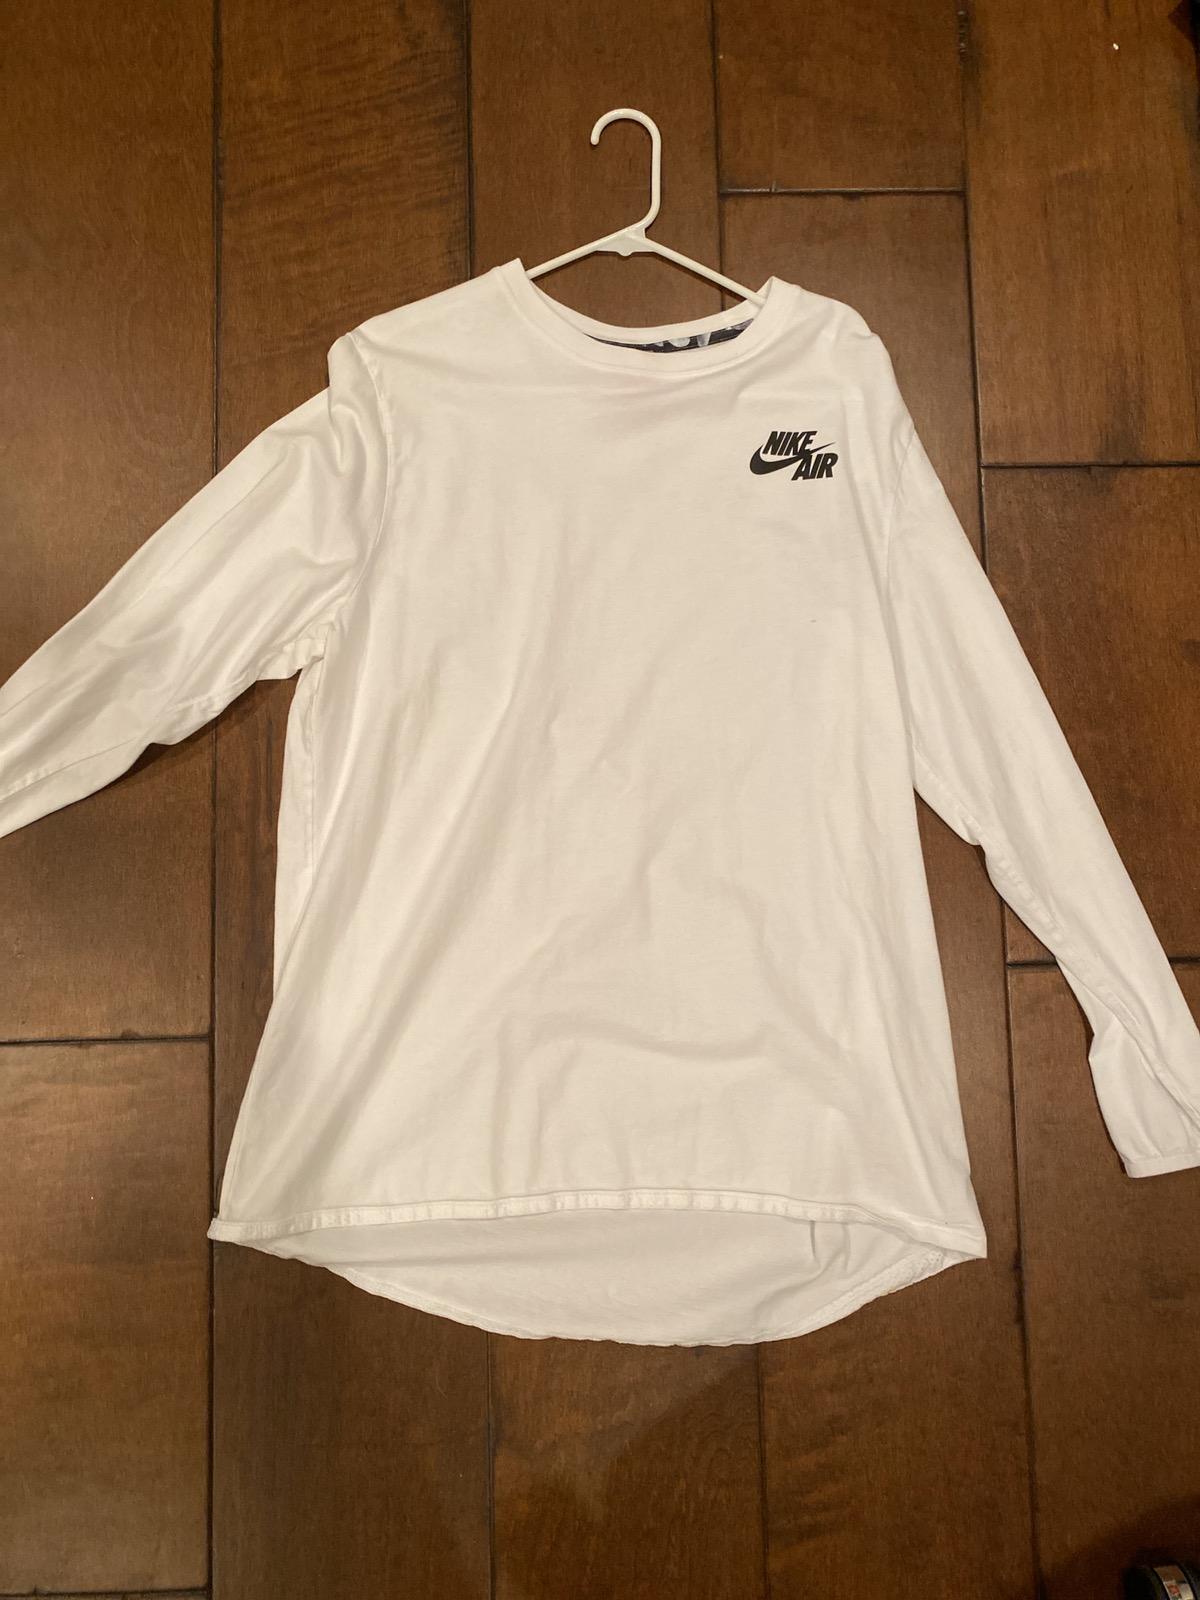 Nike Air Longsleeve shirt